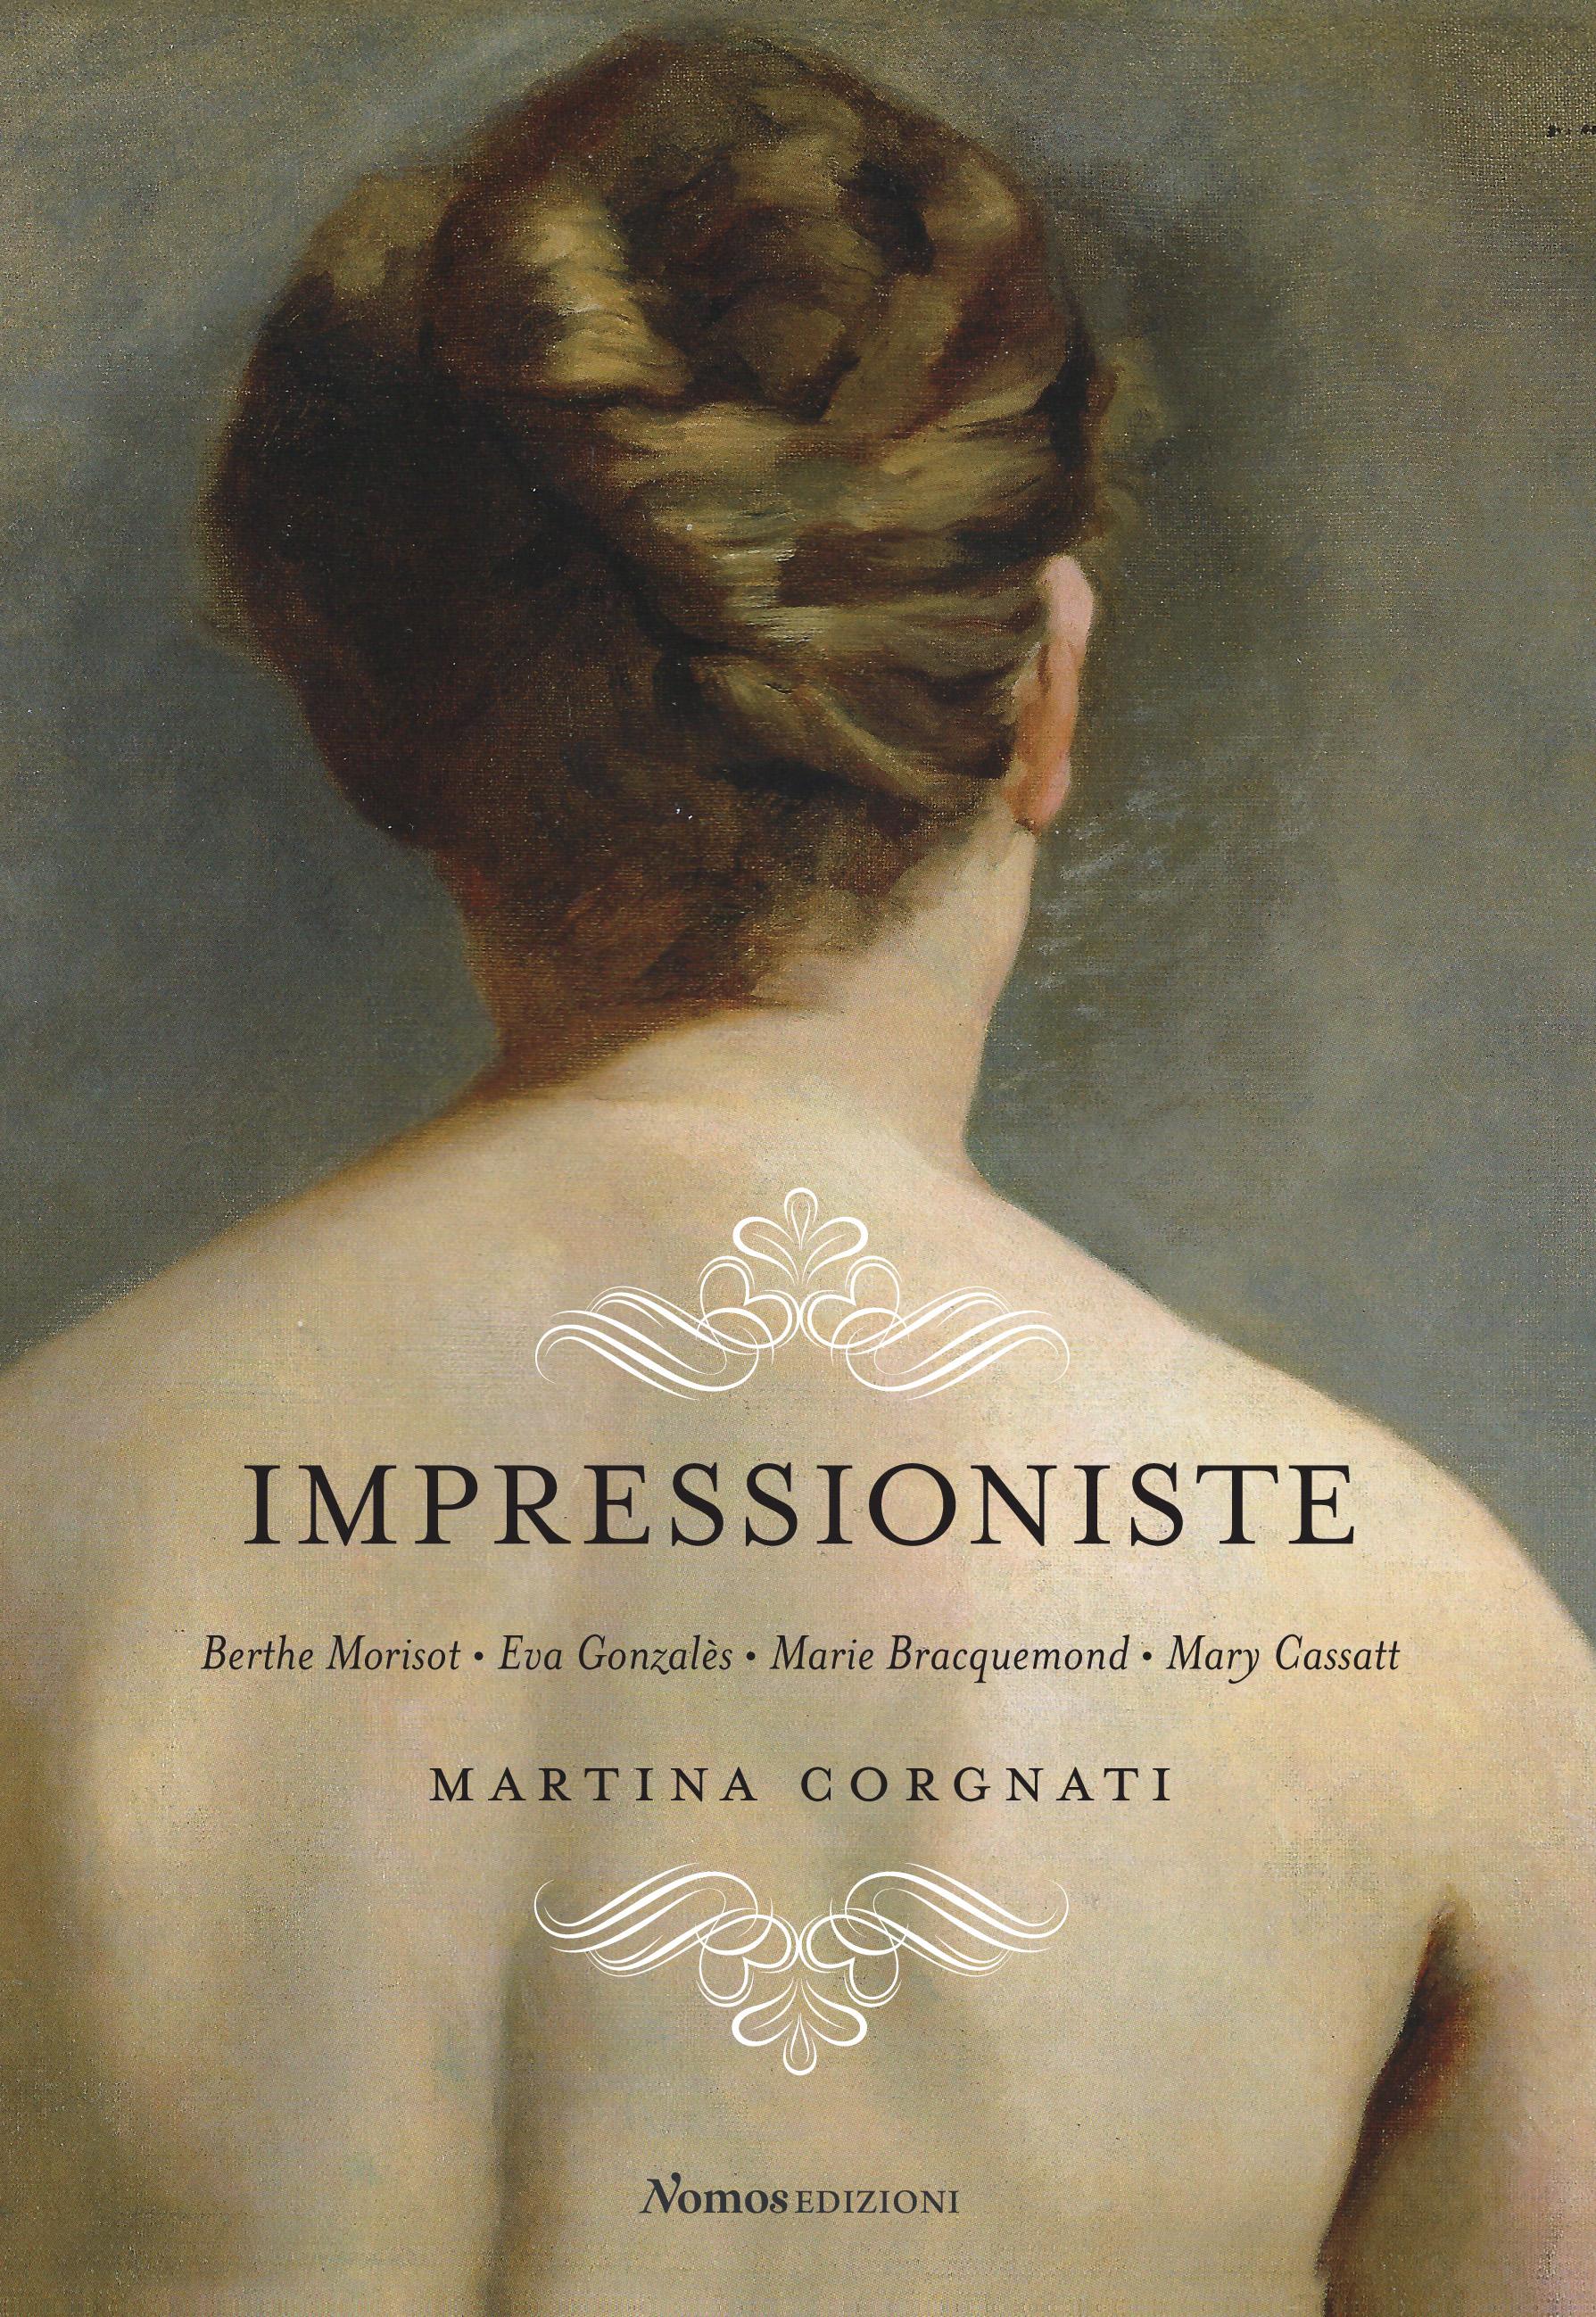 IMPRESSIONISTE Berthe Morisot, Eva Gonzalés, Marie Bracquemond, Mary Cassatt